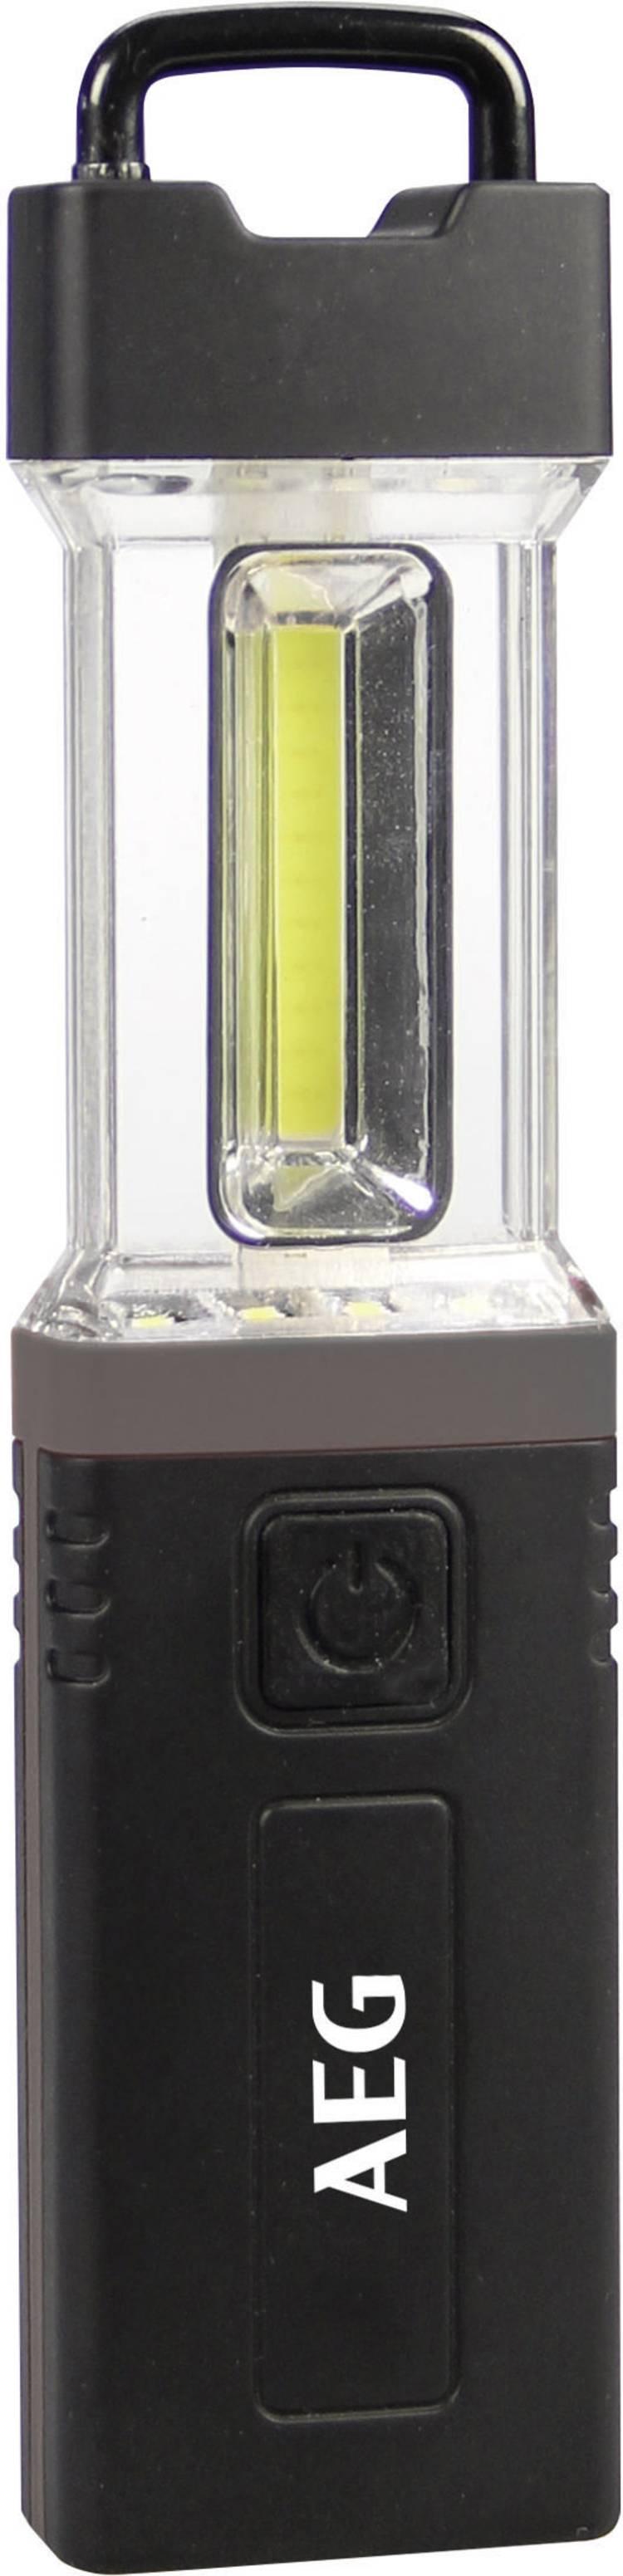 Image of AEG 97198 COB Arbeits- und Campingleuchte 12x Werklamp 200 lm